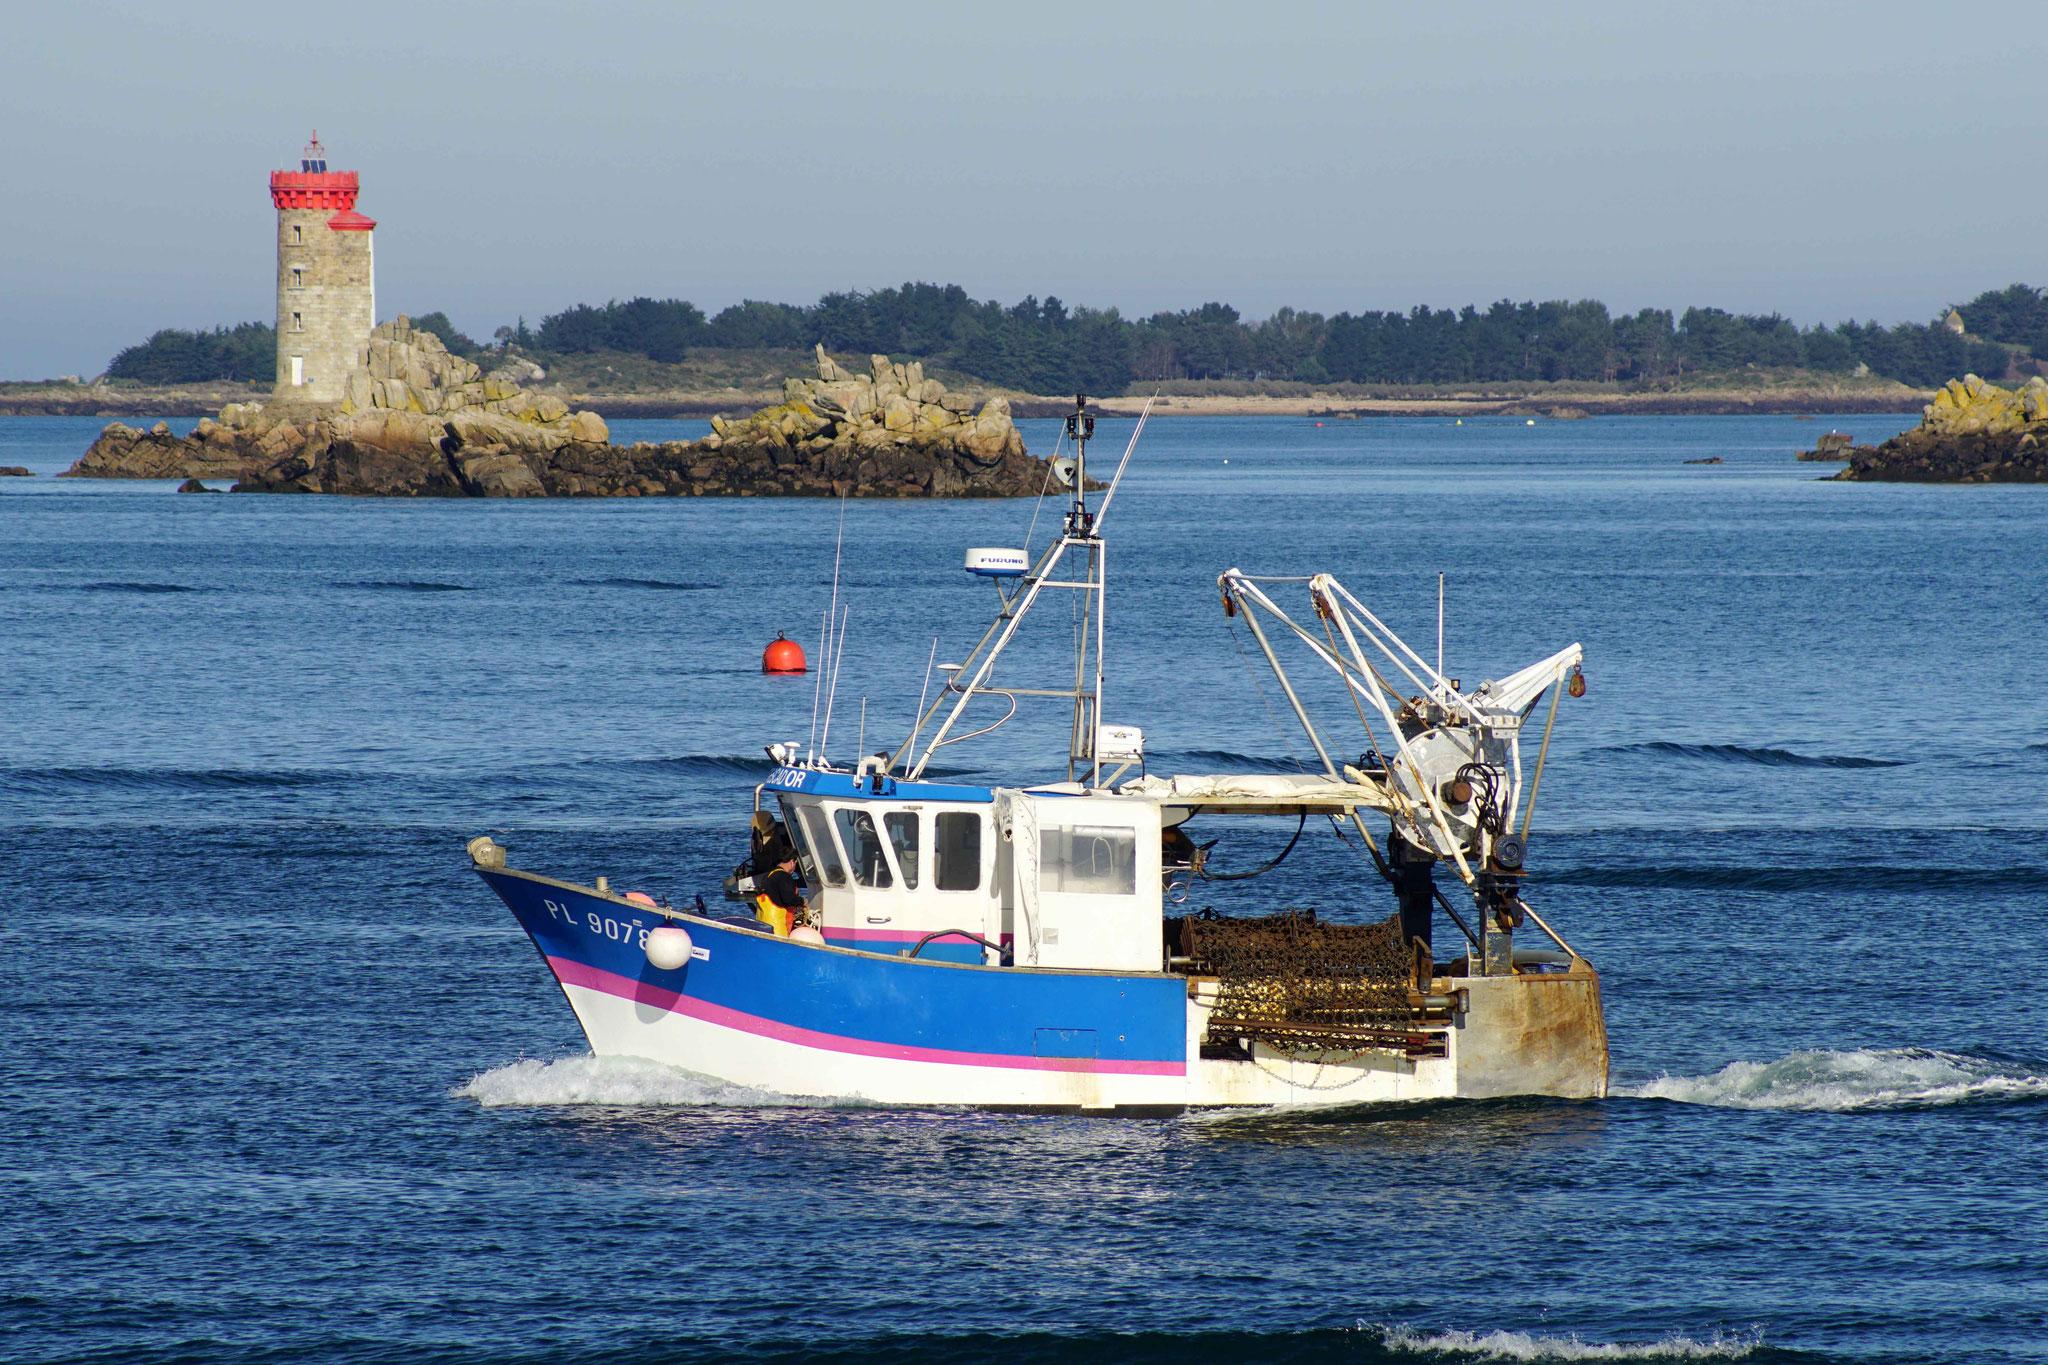 Le Pescador, DSC04900